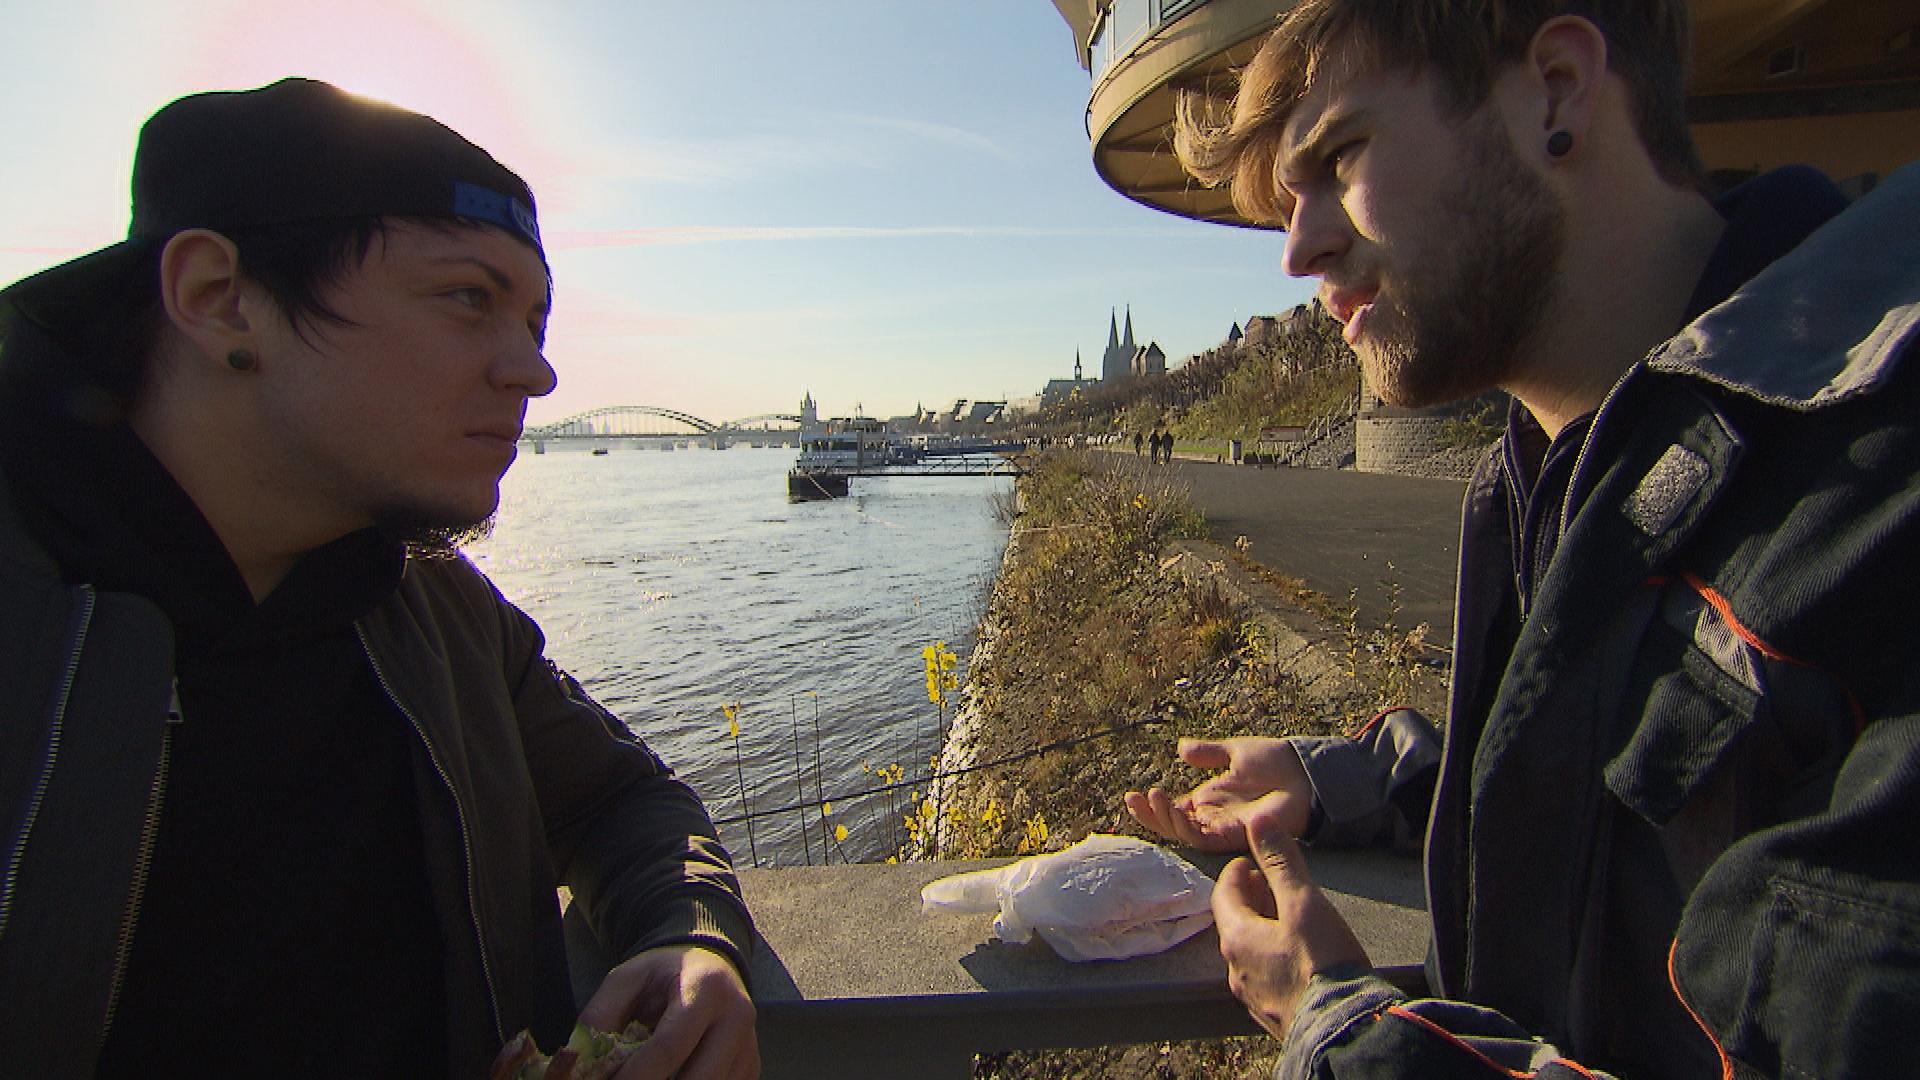 Kevin ist enttäuscht, dass Chris sein Angebot, wieder eine WG zu gründen, ablehnt. (Quelle: RTL 2)